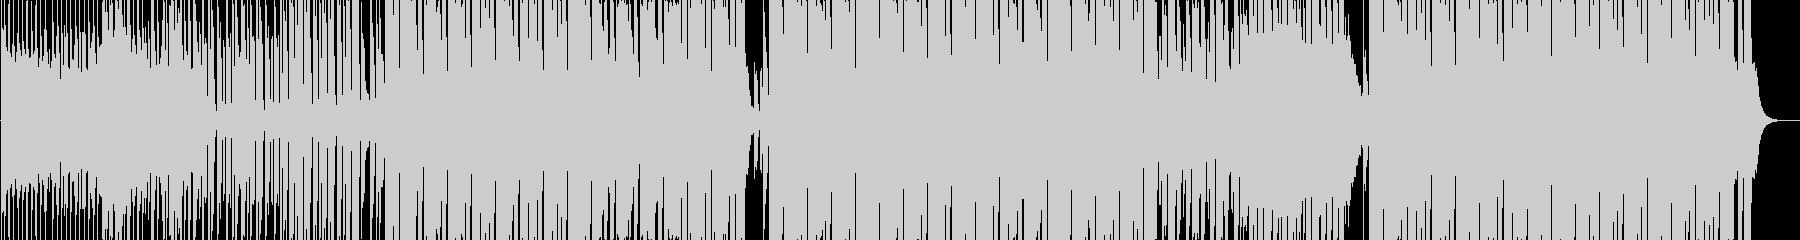 都会的でカッコいいエレクトロダンス曲の未再生の波形